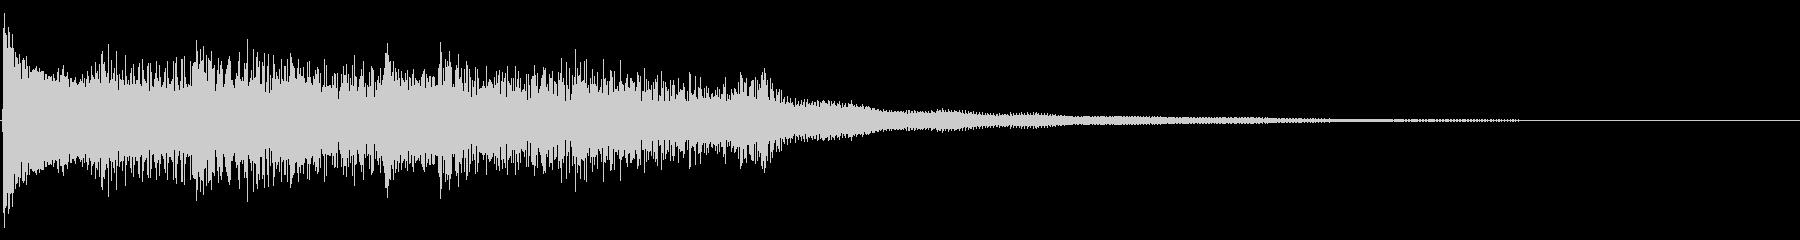 Youtube,CM等にピアノジングルの未再生の波形